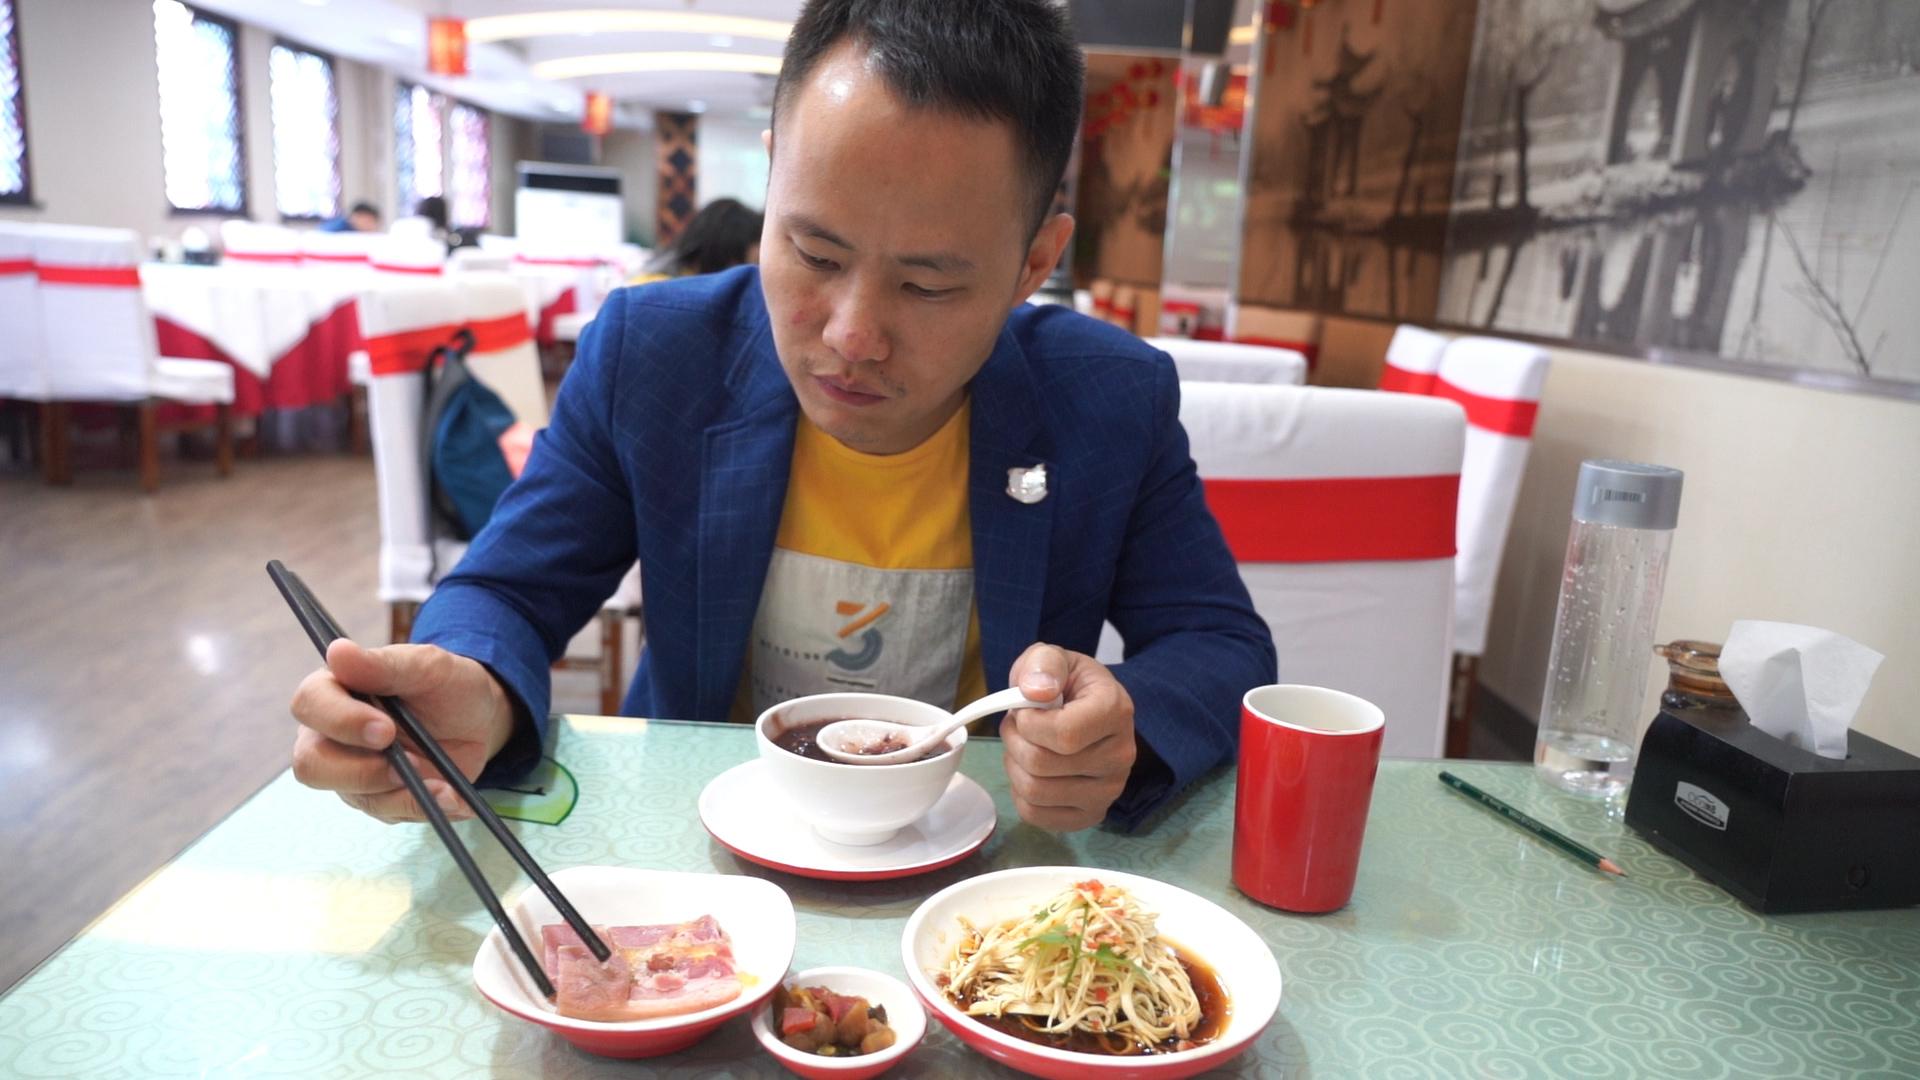 扬州美食文化因城而兴,一个星期下来受益匪浅不虚此行